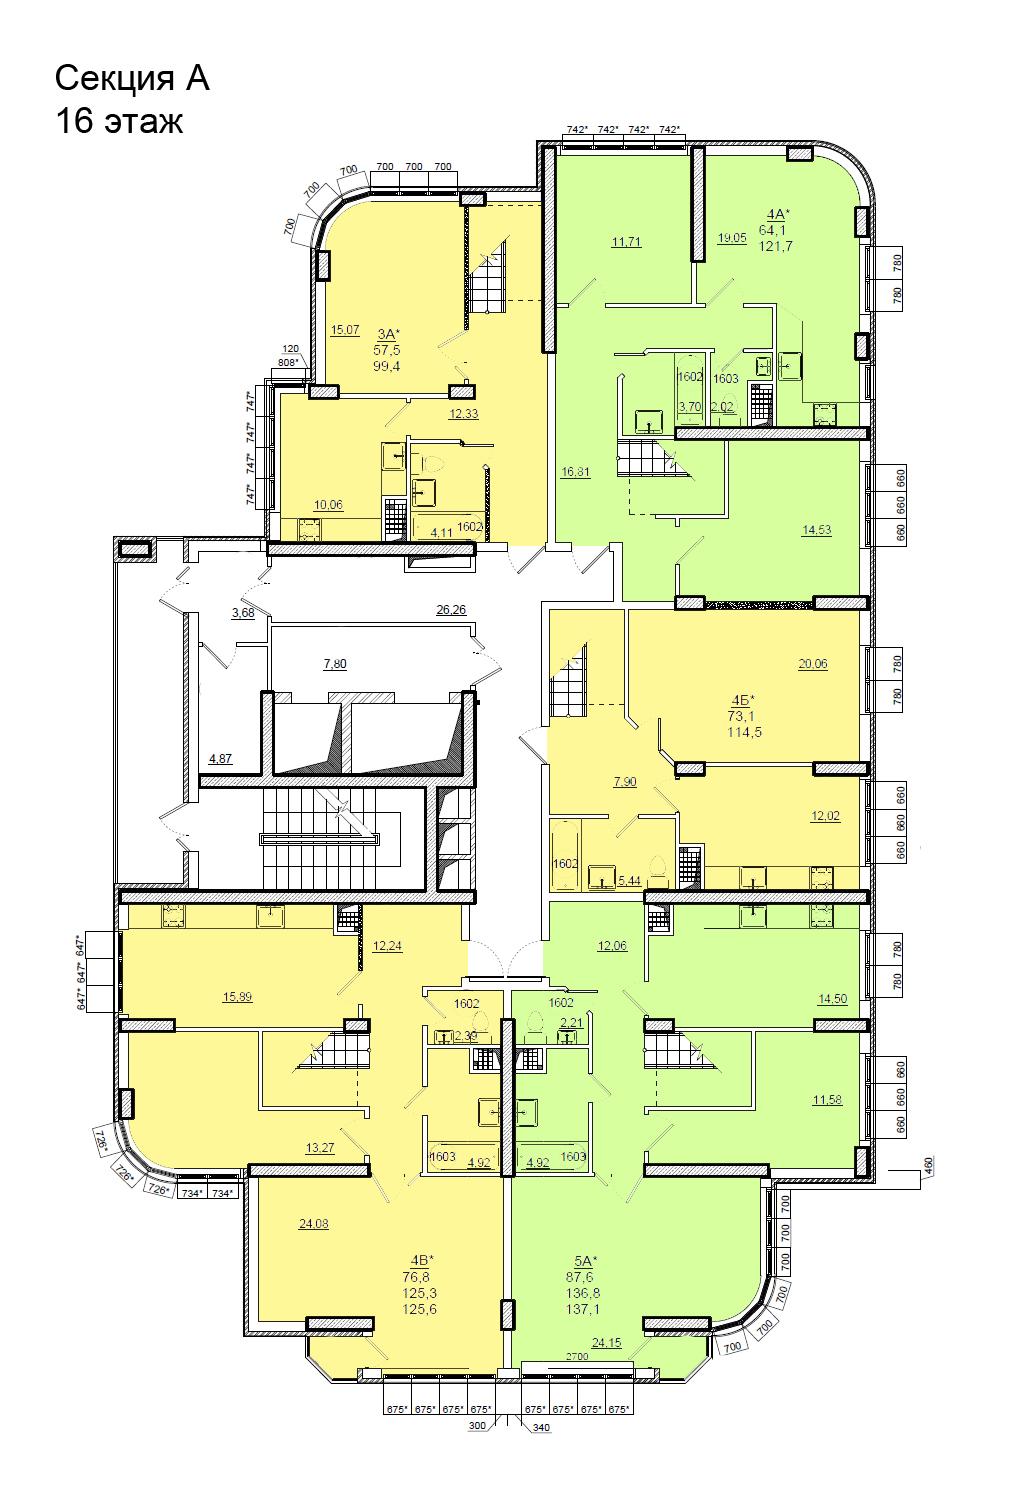 Планировки ЖК Люксембург Стикон секция А, этаж 16